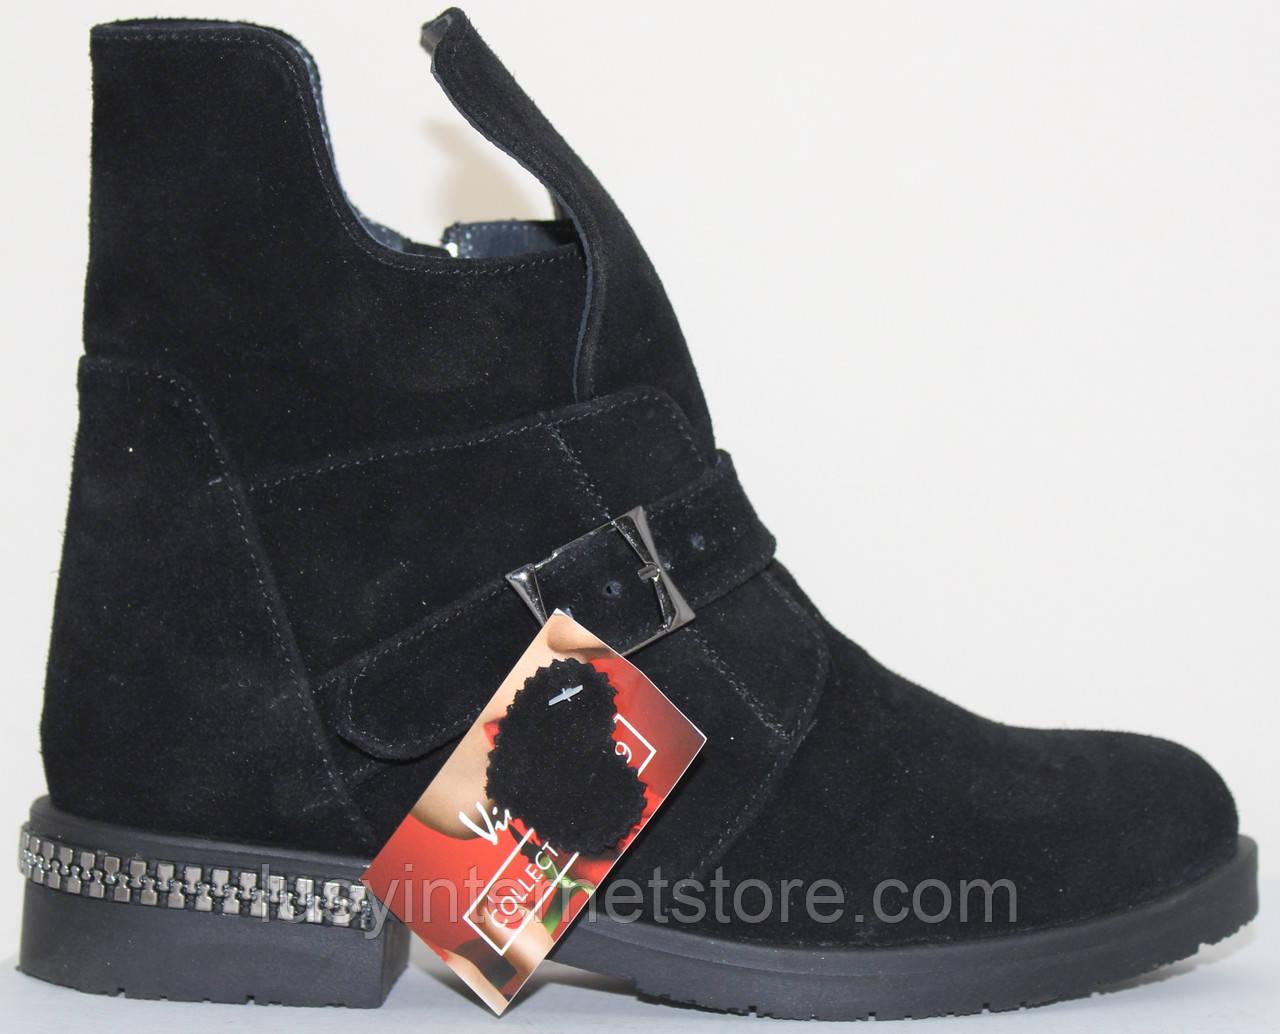 Ботинки черные женские замшевые демисезонные на низком каблуке от производителя модель СВ833